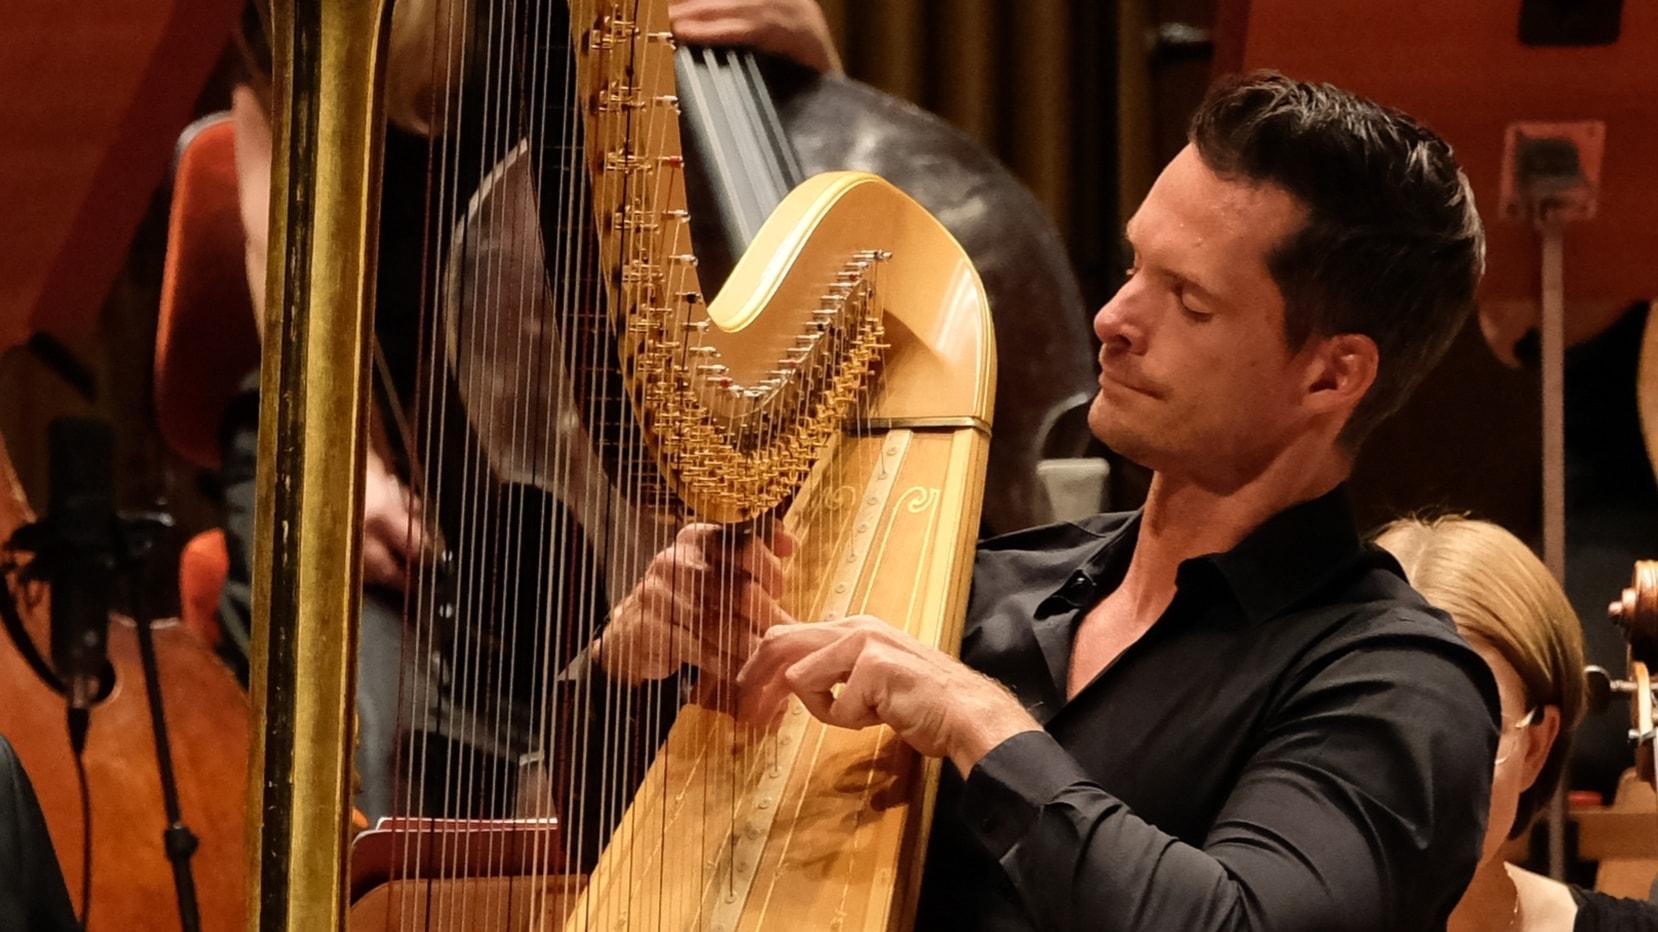 KONSERT: Kaija Saariahos harpkonsert och moderna änglaröster med Stockholm Syndrome Ensemble